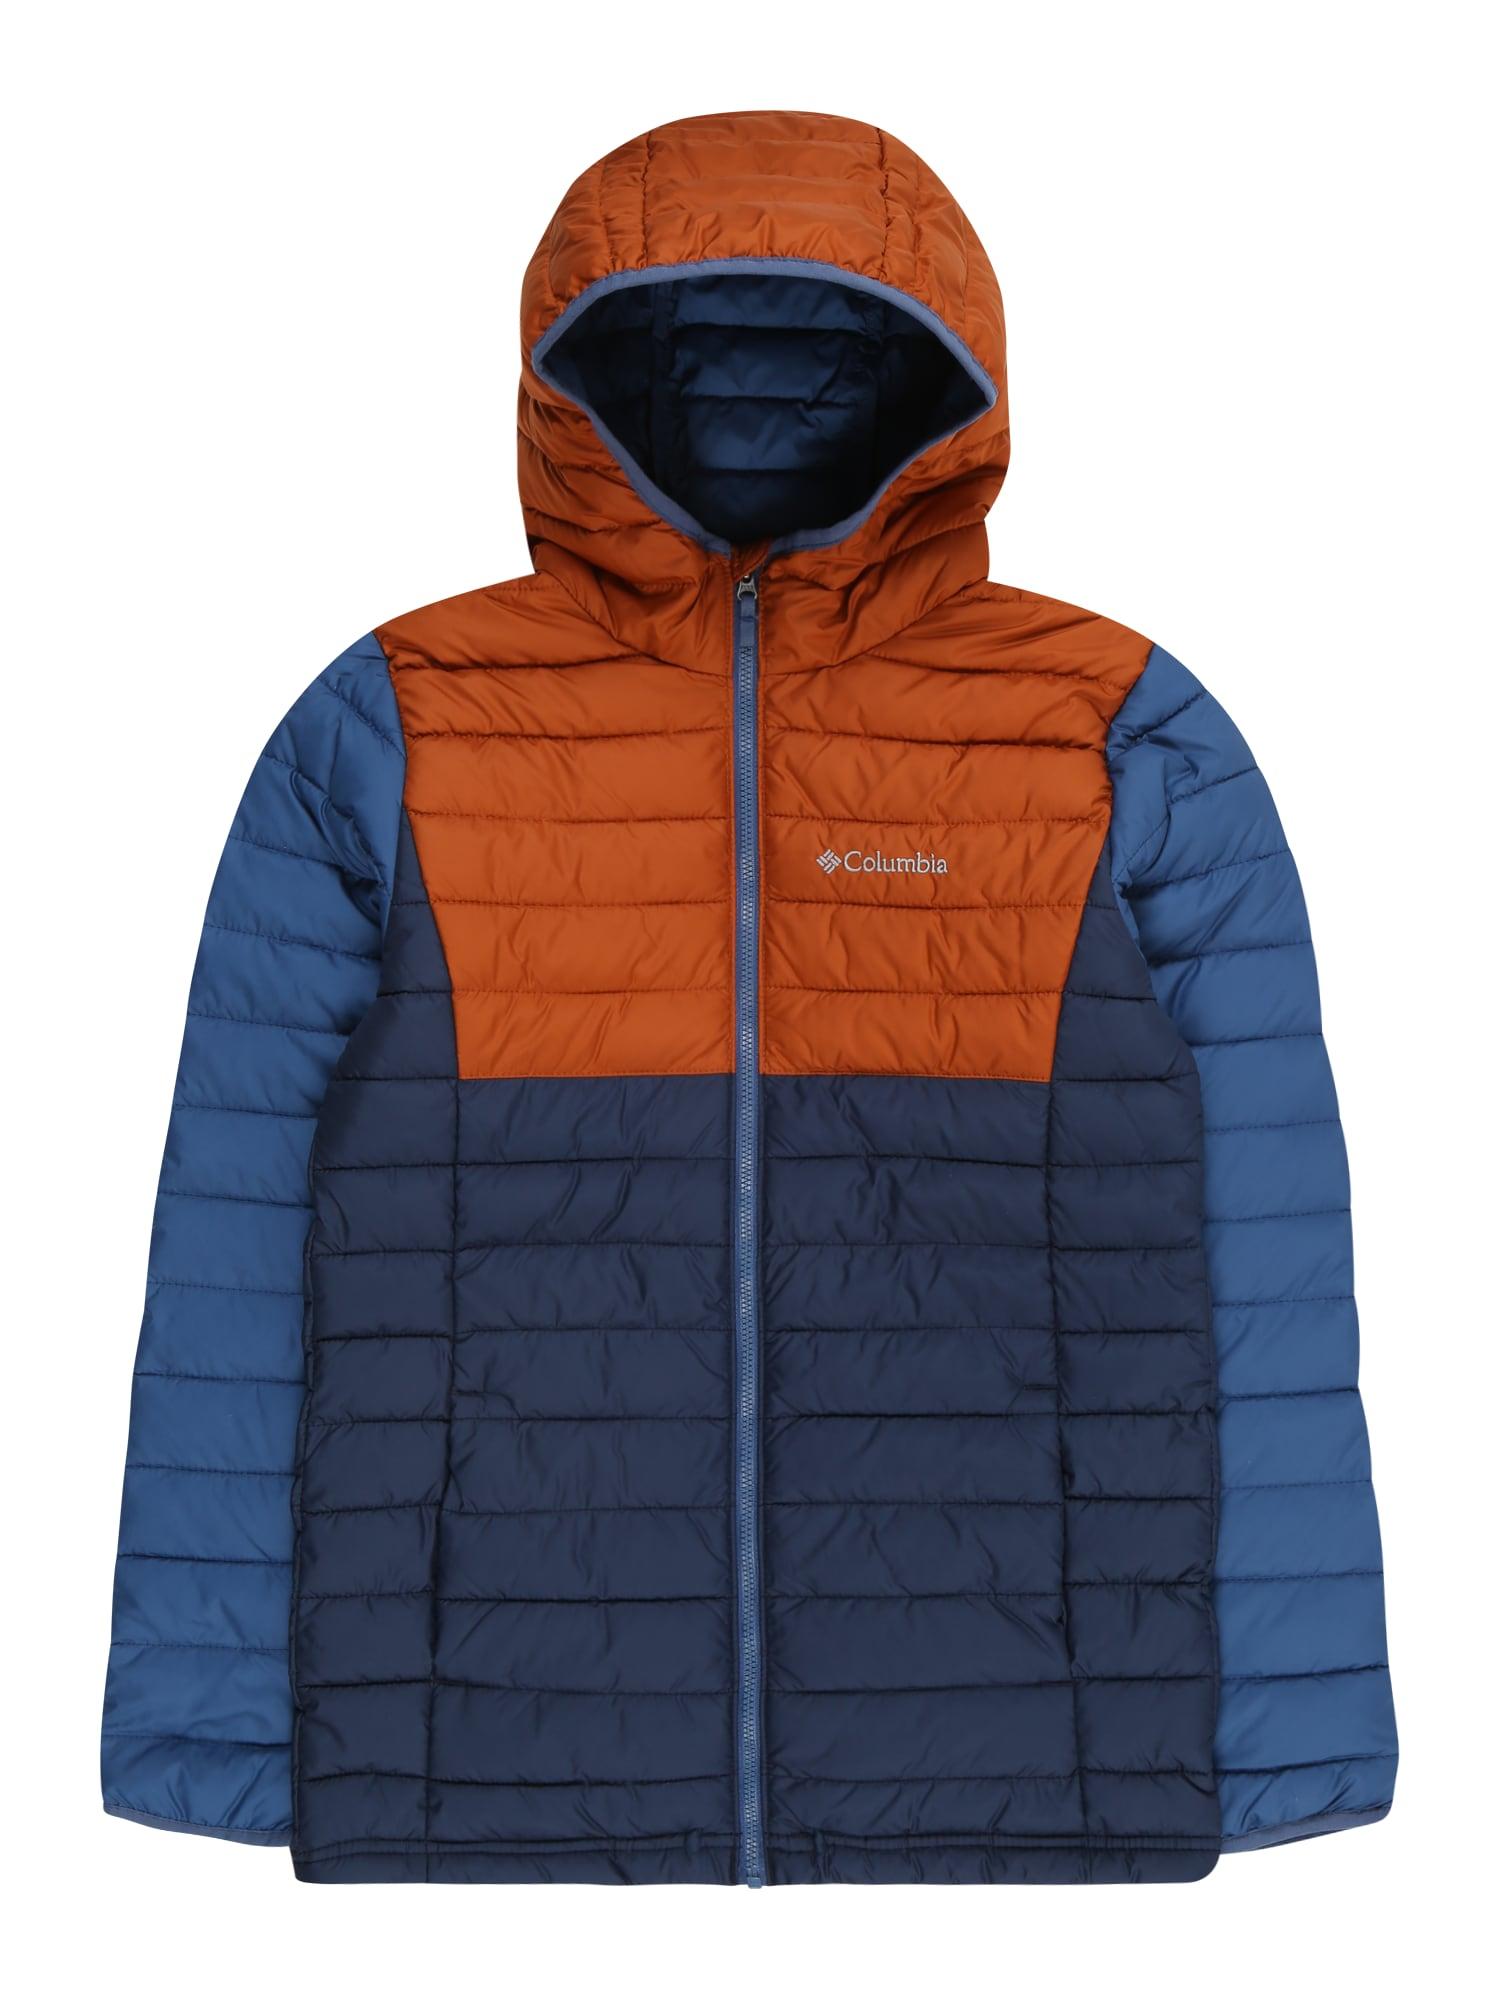 COLUMBIA Laisvalaikio striukė 'Powder Lite' tamsiai mėlyna / nakties mėlyna / oranžinė